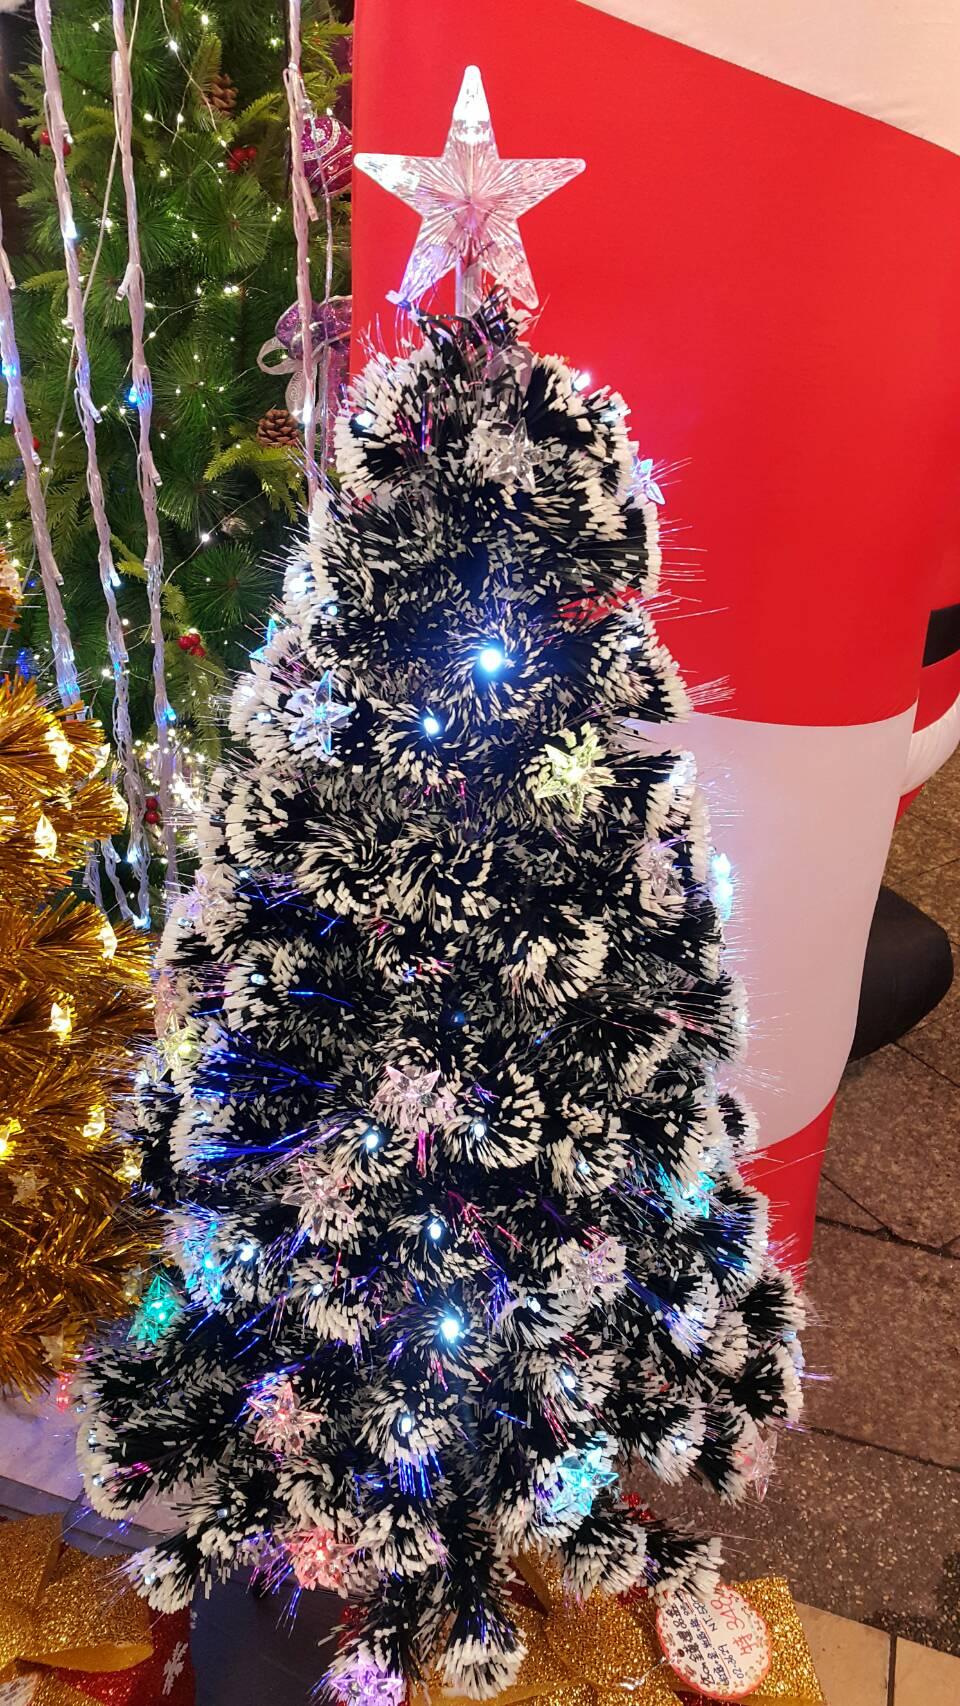 X射線【X020008】星星七彩光纖聖誕樹-3尺(不含飾品),松針樹/台灣製/聖誕樹/聖誕佈置/聖誕空樹/聖誕造景